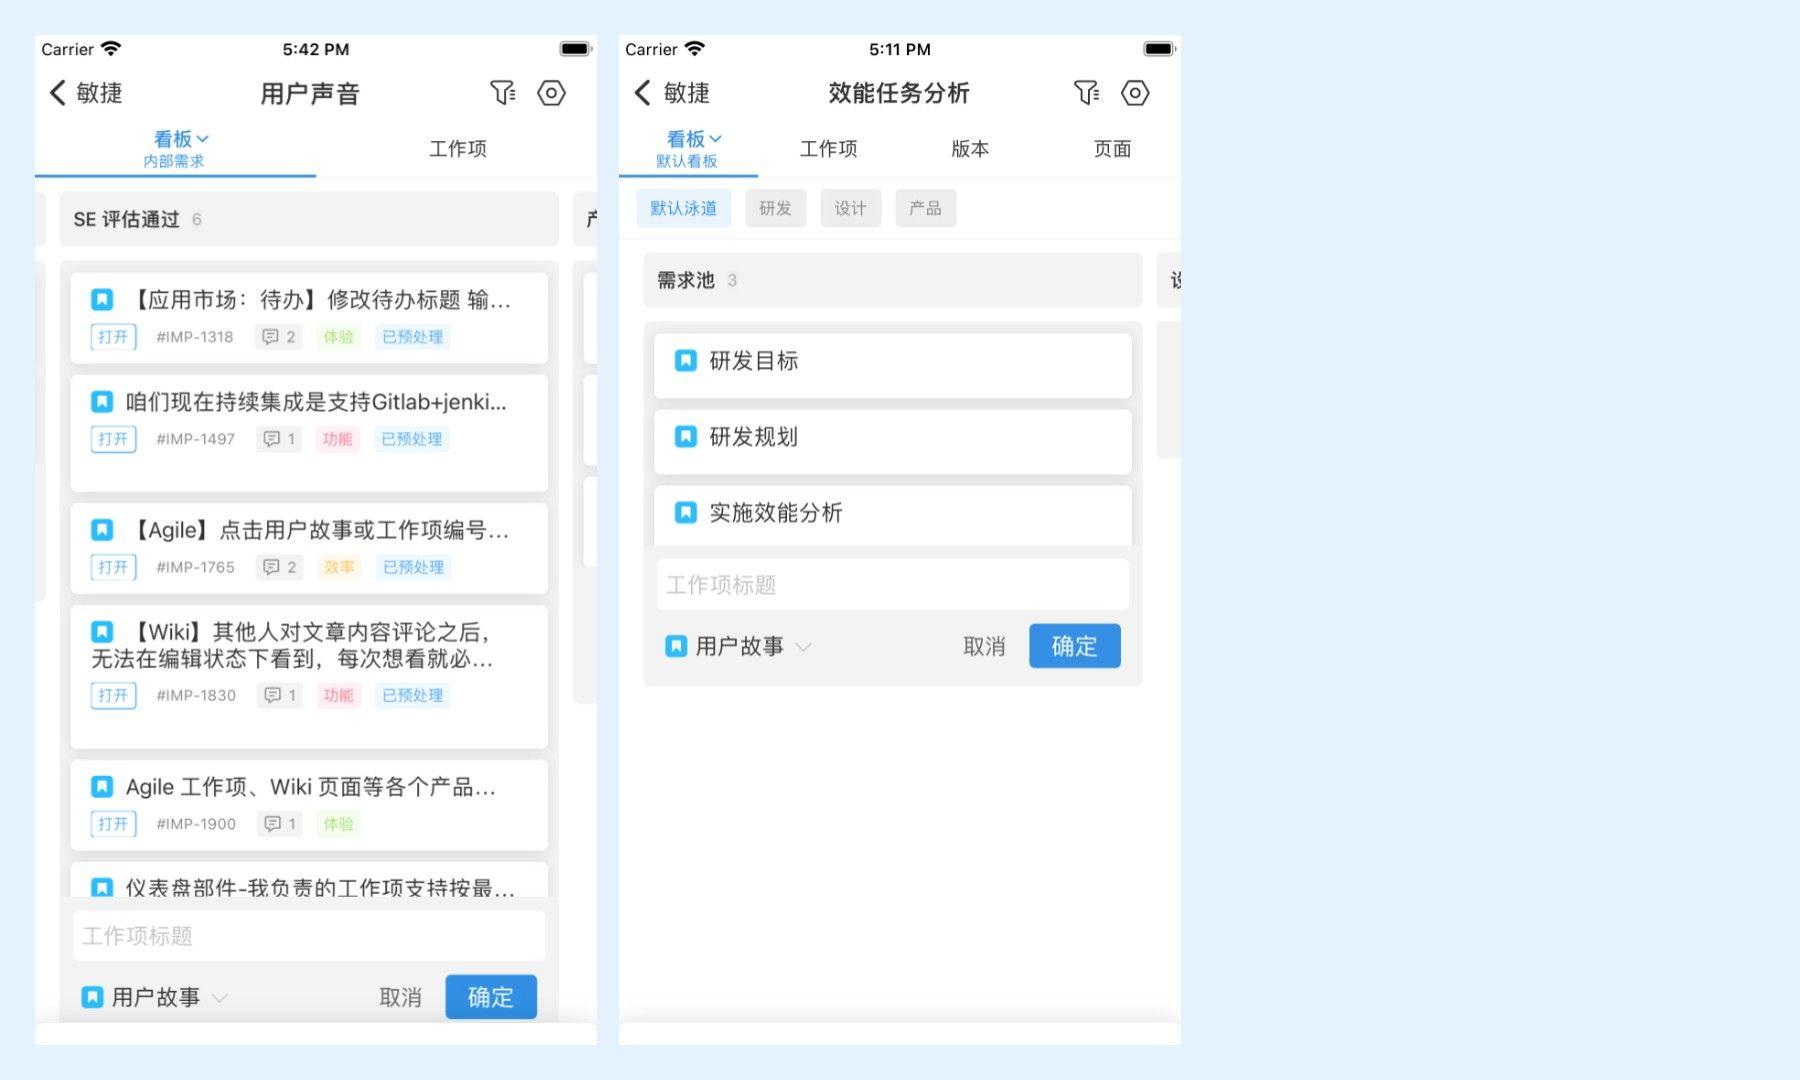 Simulator Screen Shot - iPhone 8 Plus - 2021-10-08 at 17.42.29的副本.png